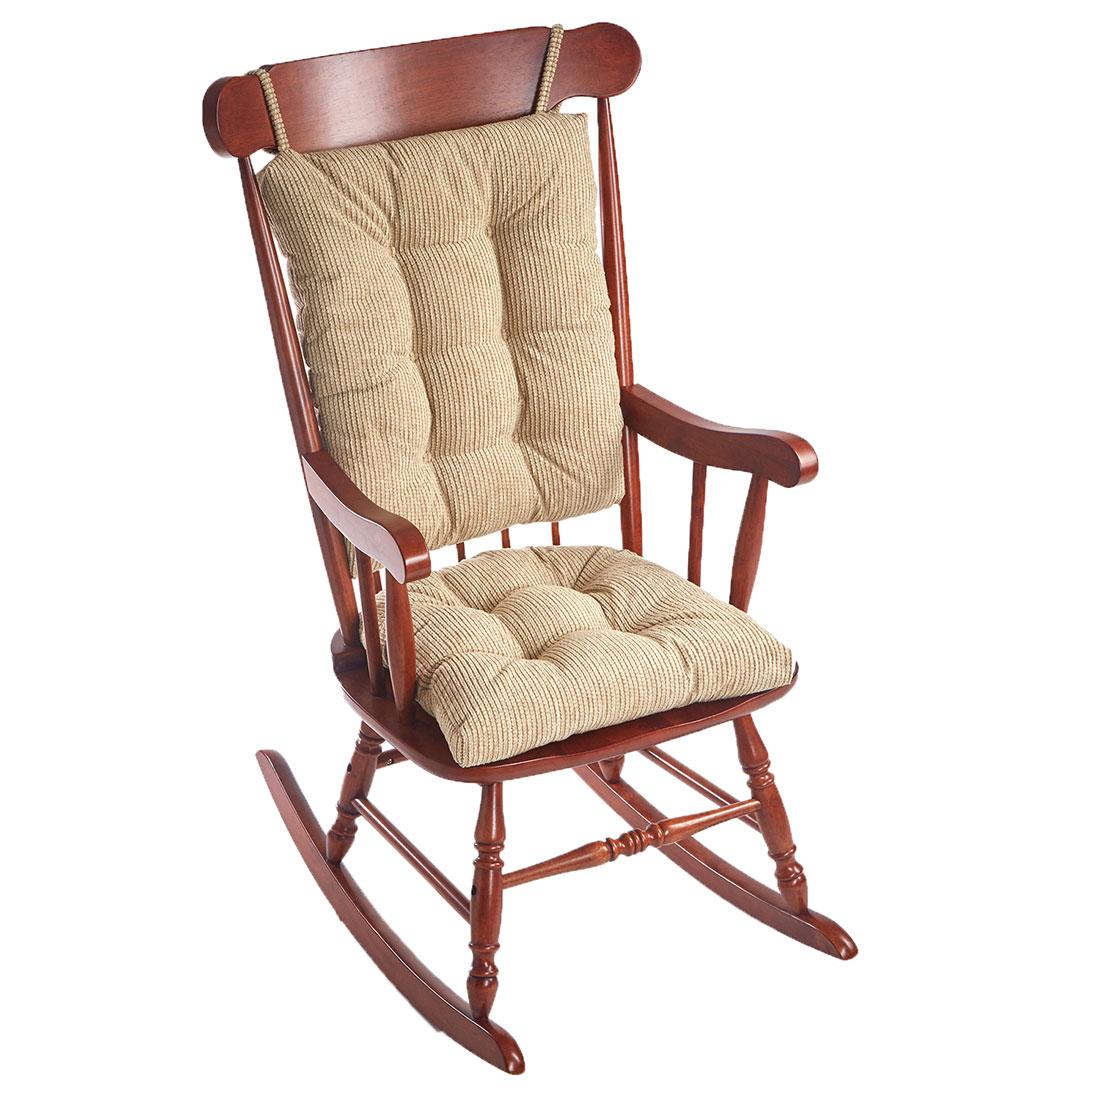 Outwest Tan Universal Rocking Chair Cushion